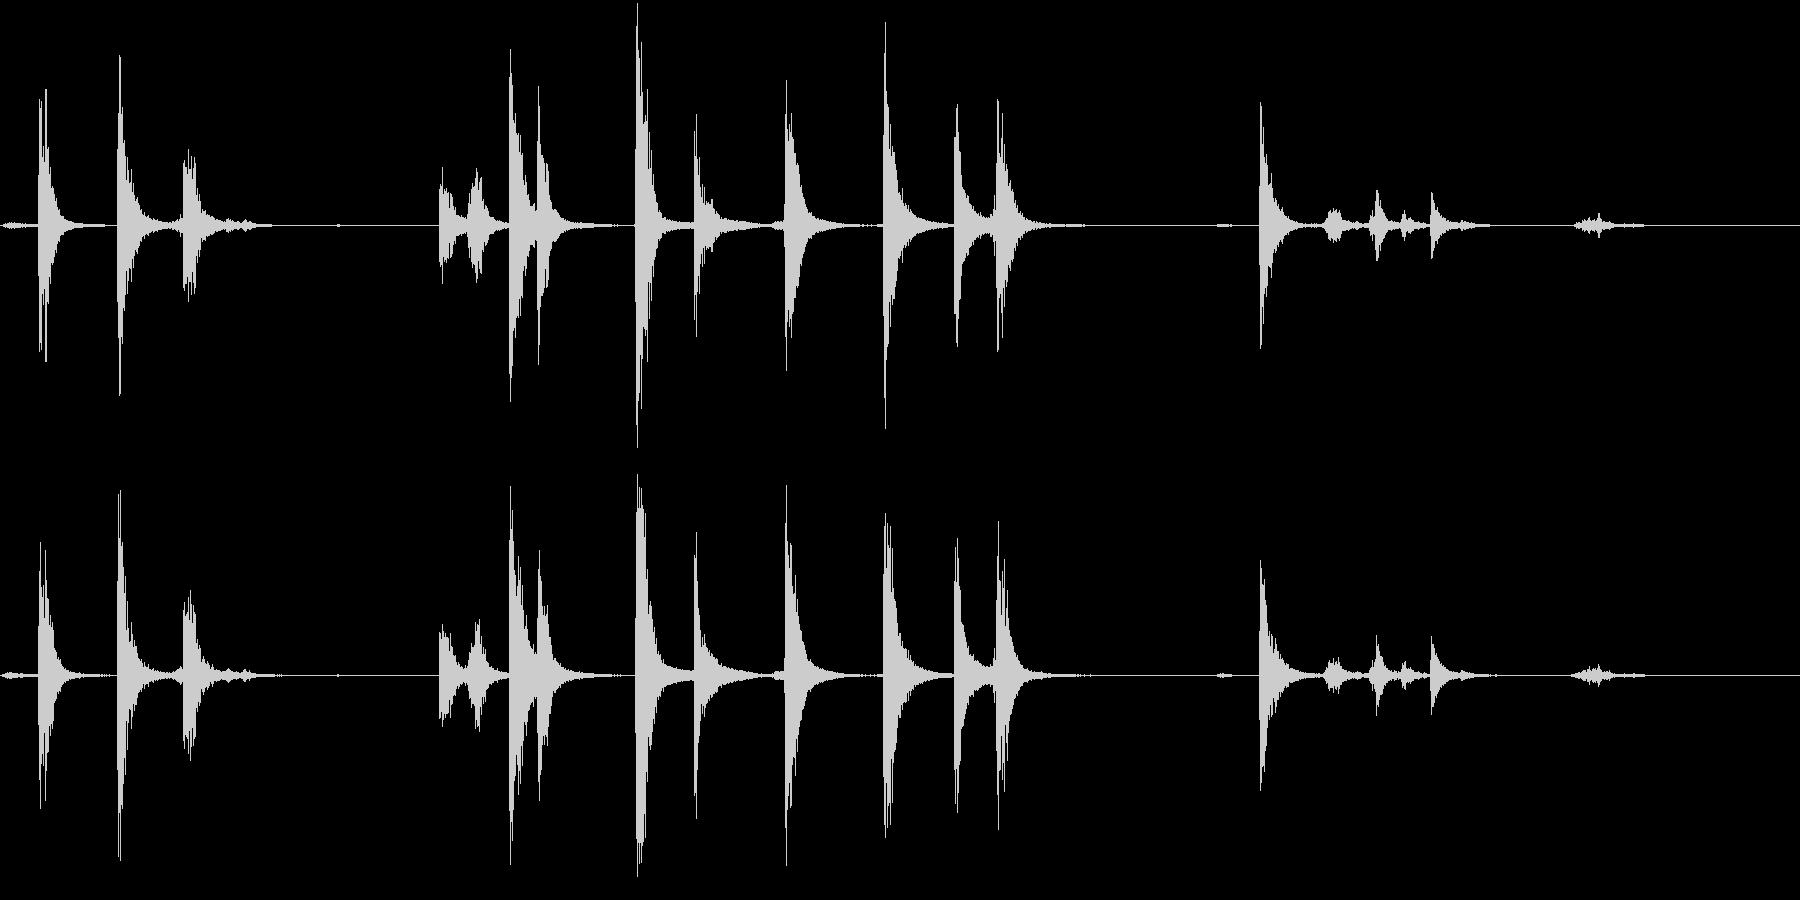 【生録音】手錠の音 2 鎖が揺れるの未再生の波形